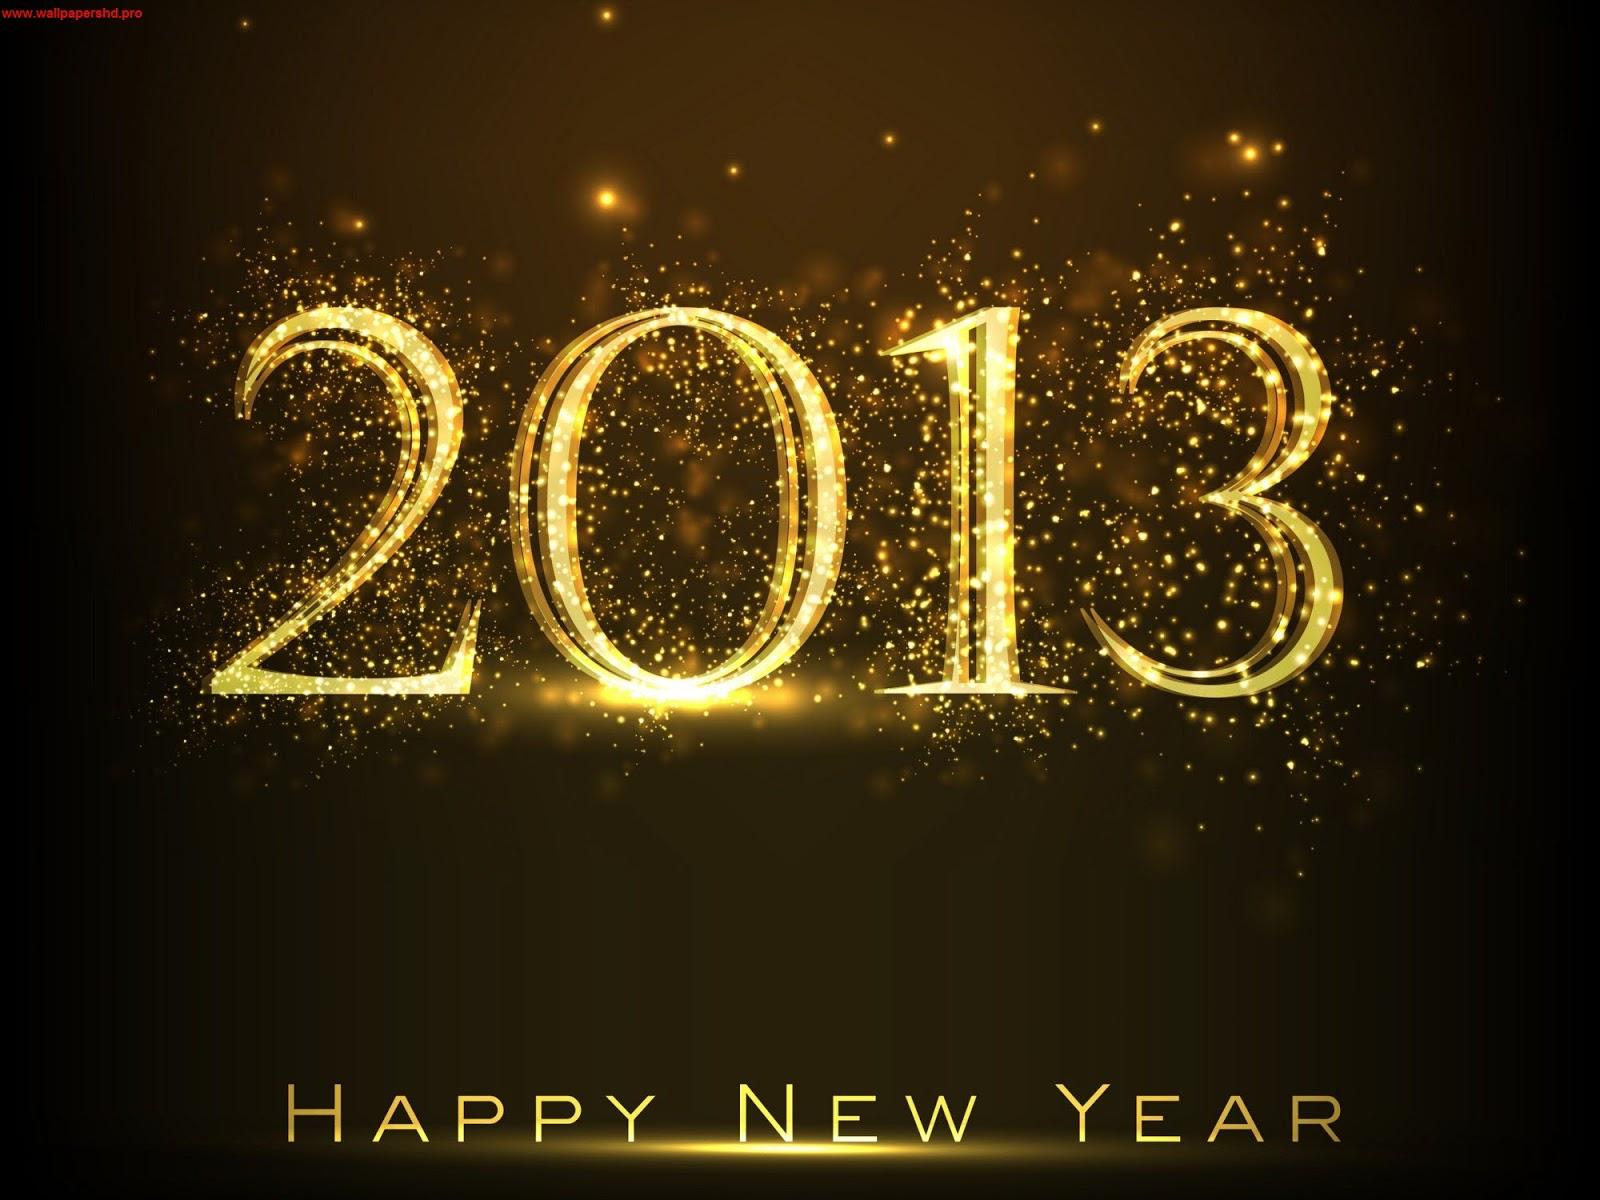 http://1.bp.blogspot.com/-FNCMrGgEyS0/UOH0iXCL-GI/AAAAAAAAV-8/6ZM2P4dW_Ys/s1600/new+year+2013+(6).jpg